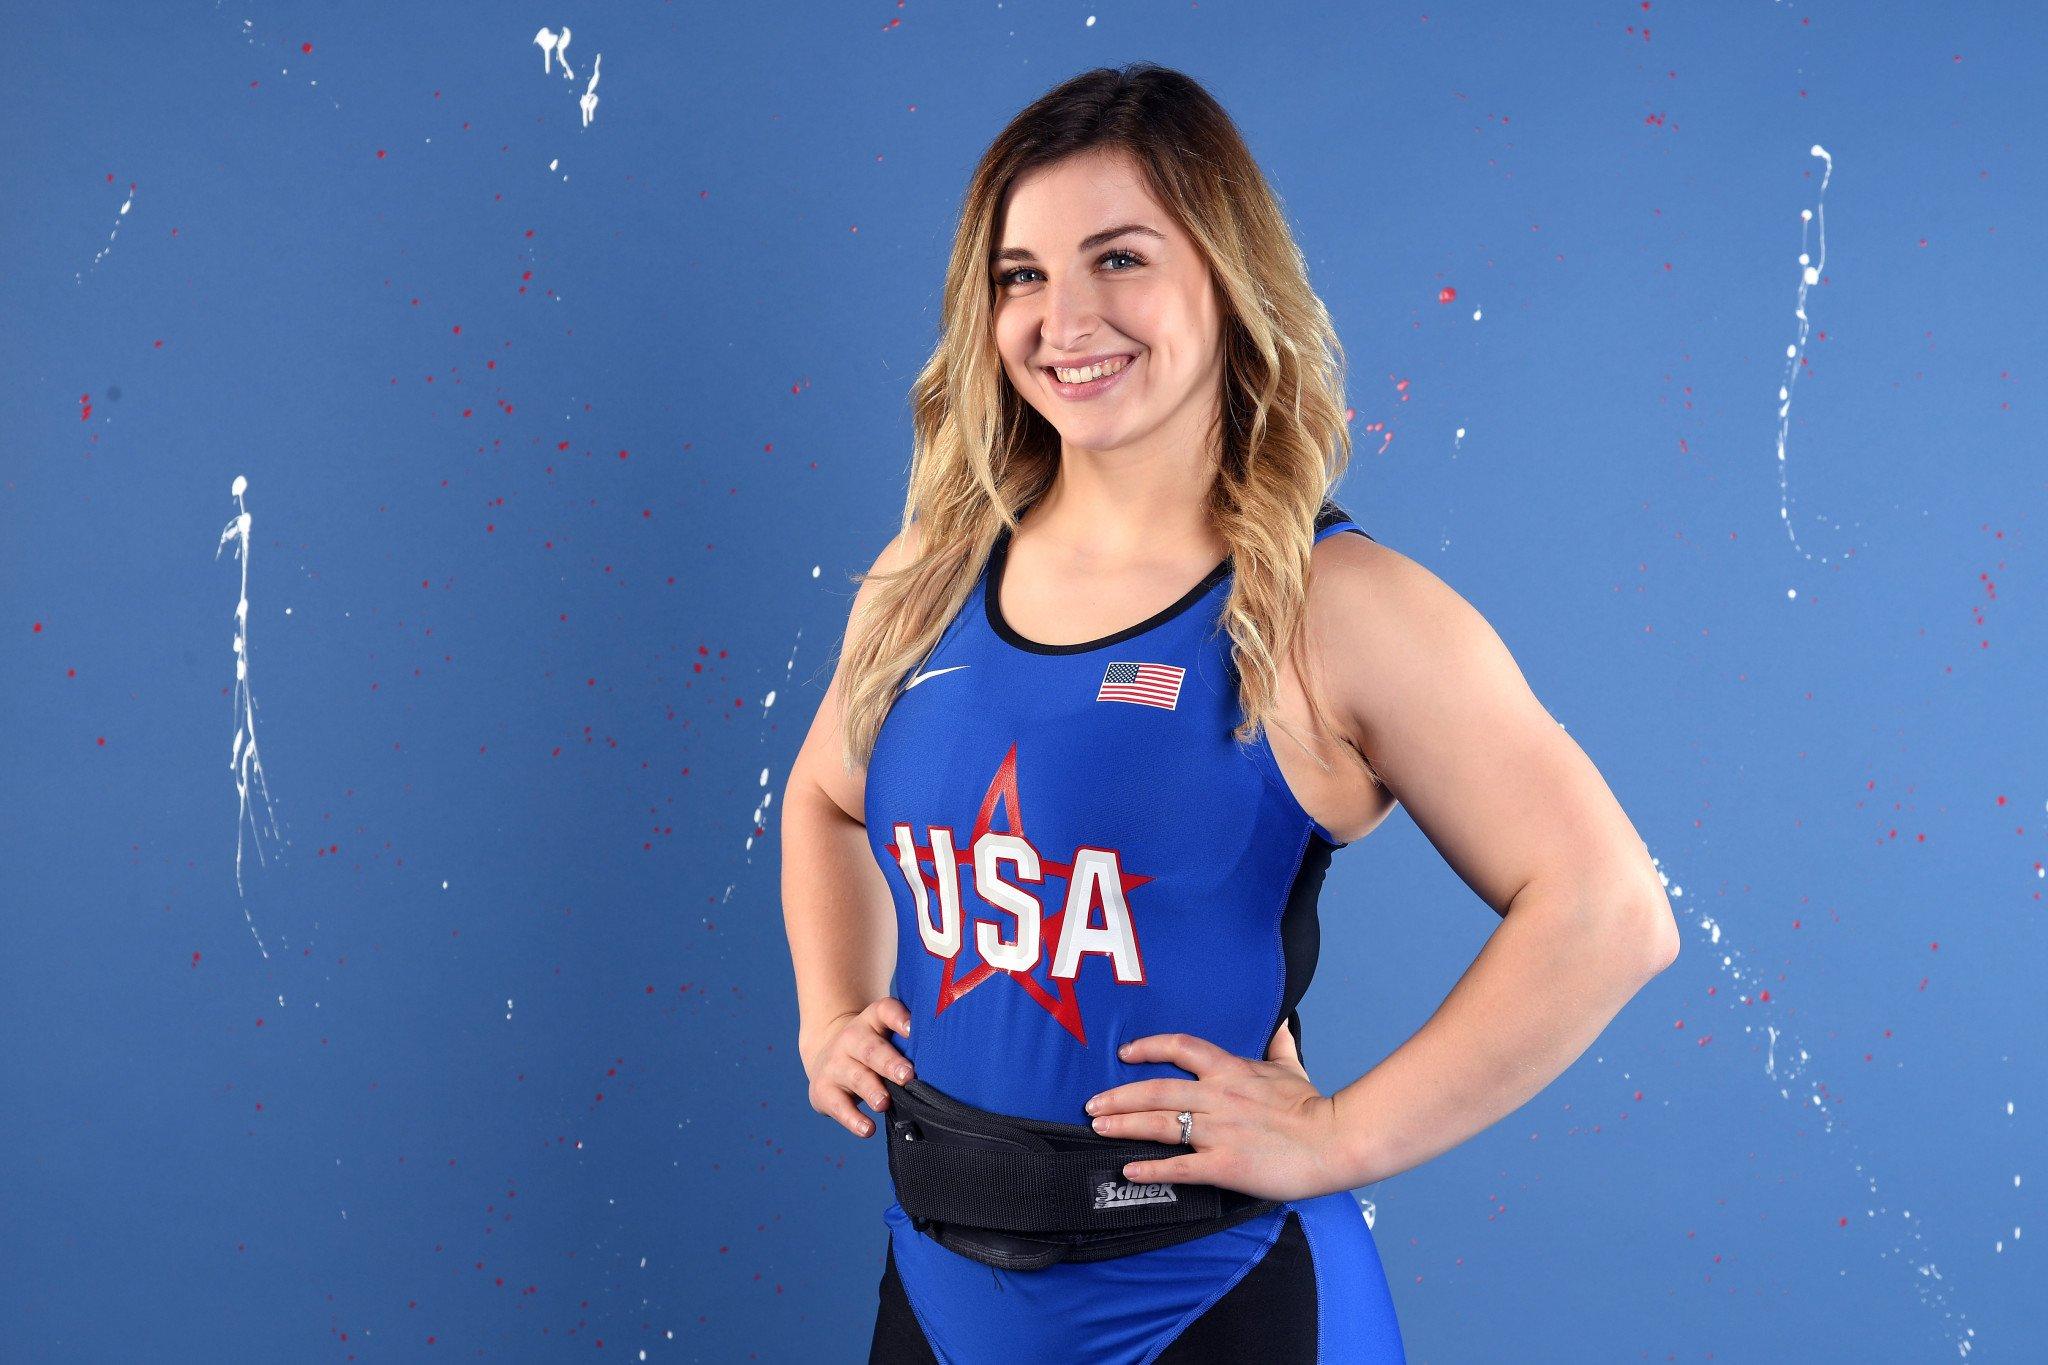 Kate Nye se encuentra entre los levantadores de pesas estadounidenses cuyas posibilidades de medalla aumentan porque Corea del Norte se salta los Juegos